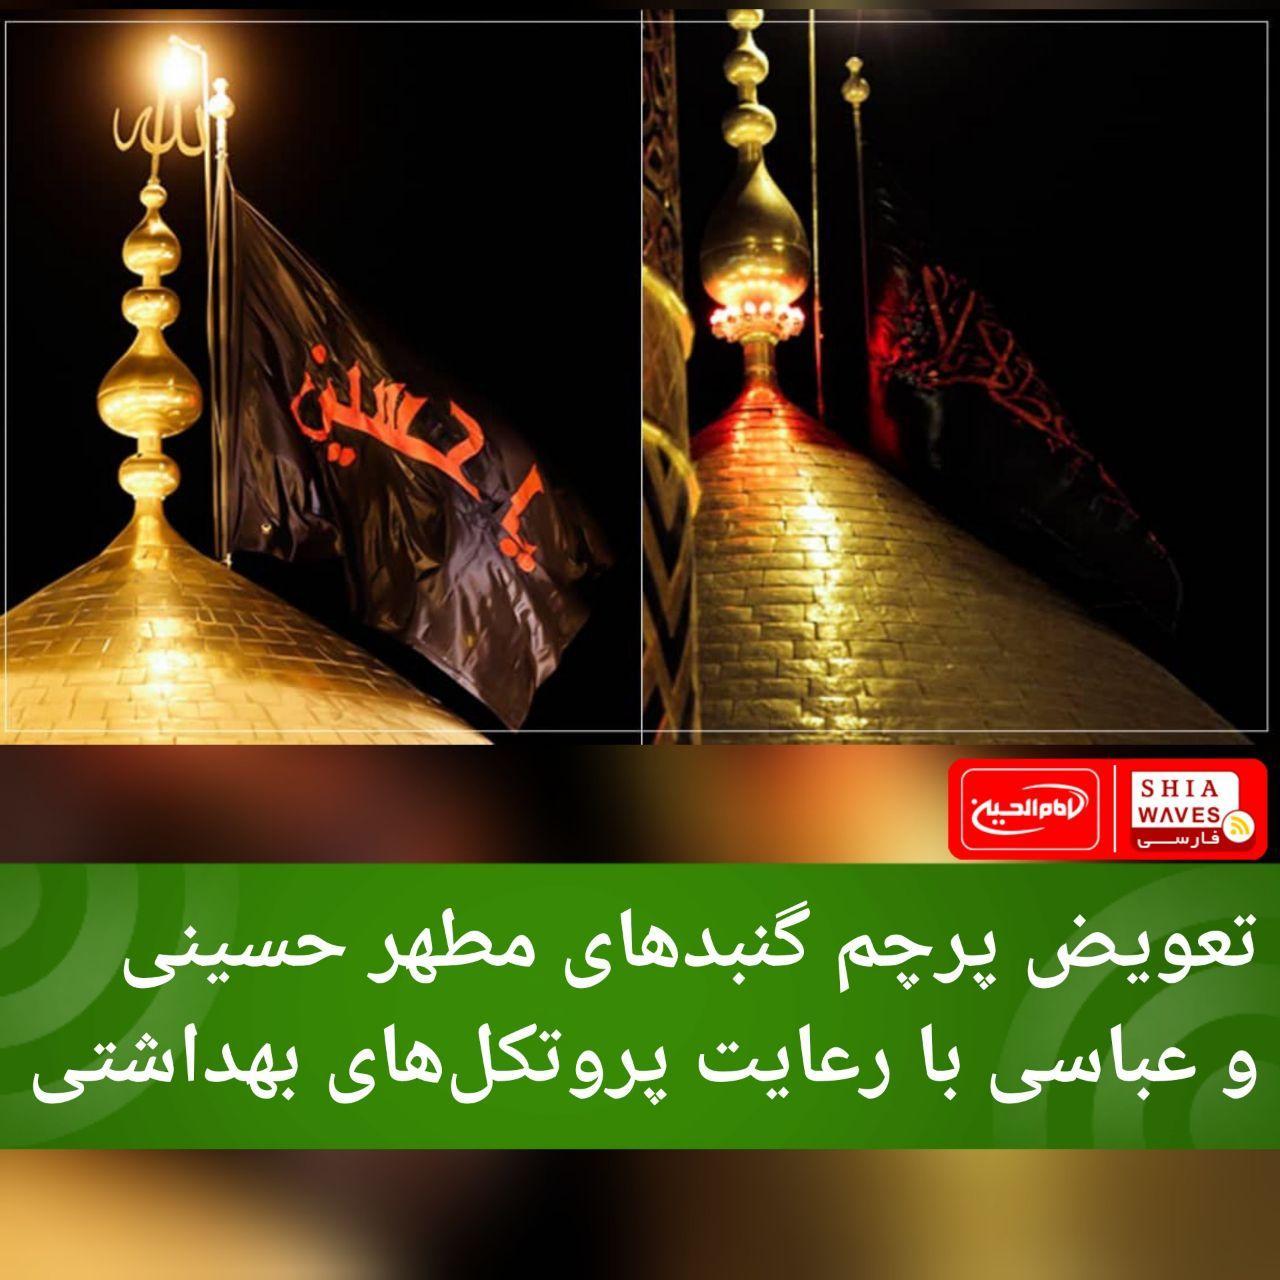 تصویر تعویض پرچم گنبدهای مطهر حسینی و عباسی با رعایت پروتکلهای بهداشتی